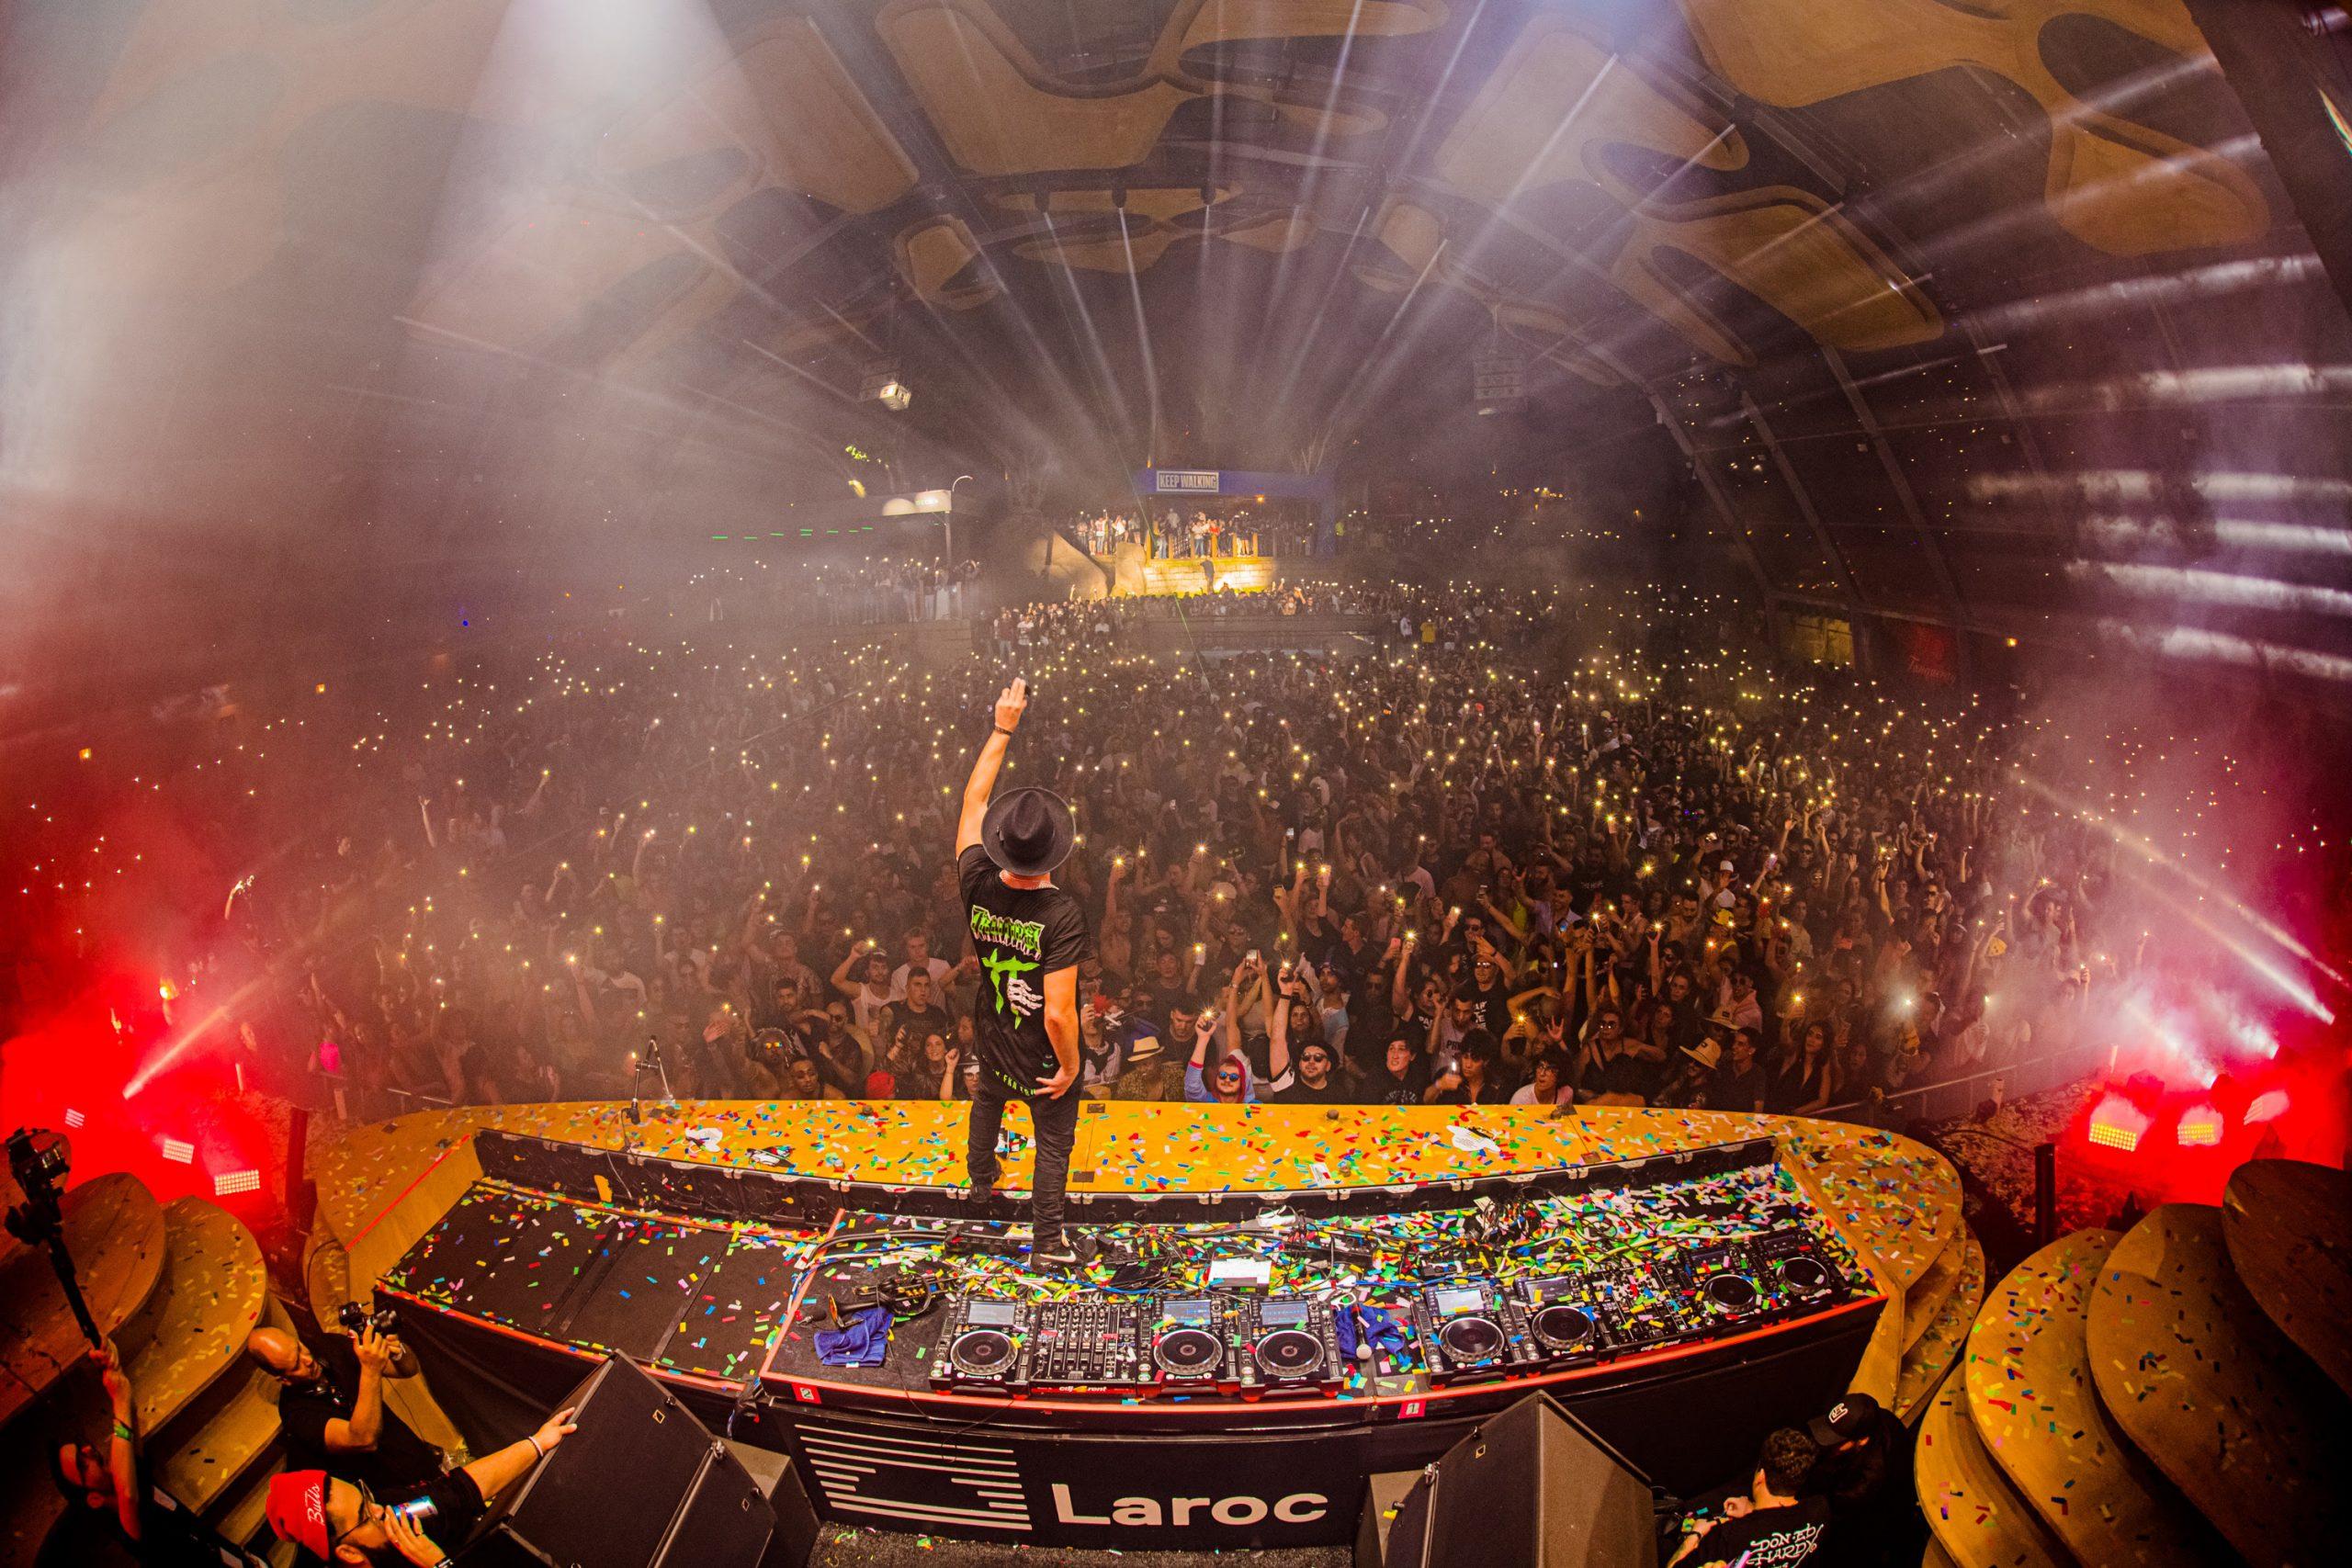 Ame Laroc Festival divulga aftermovie oficial da edição 2020